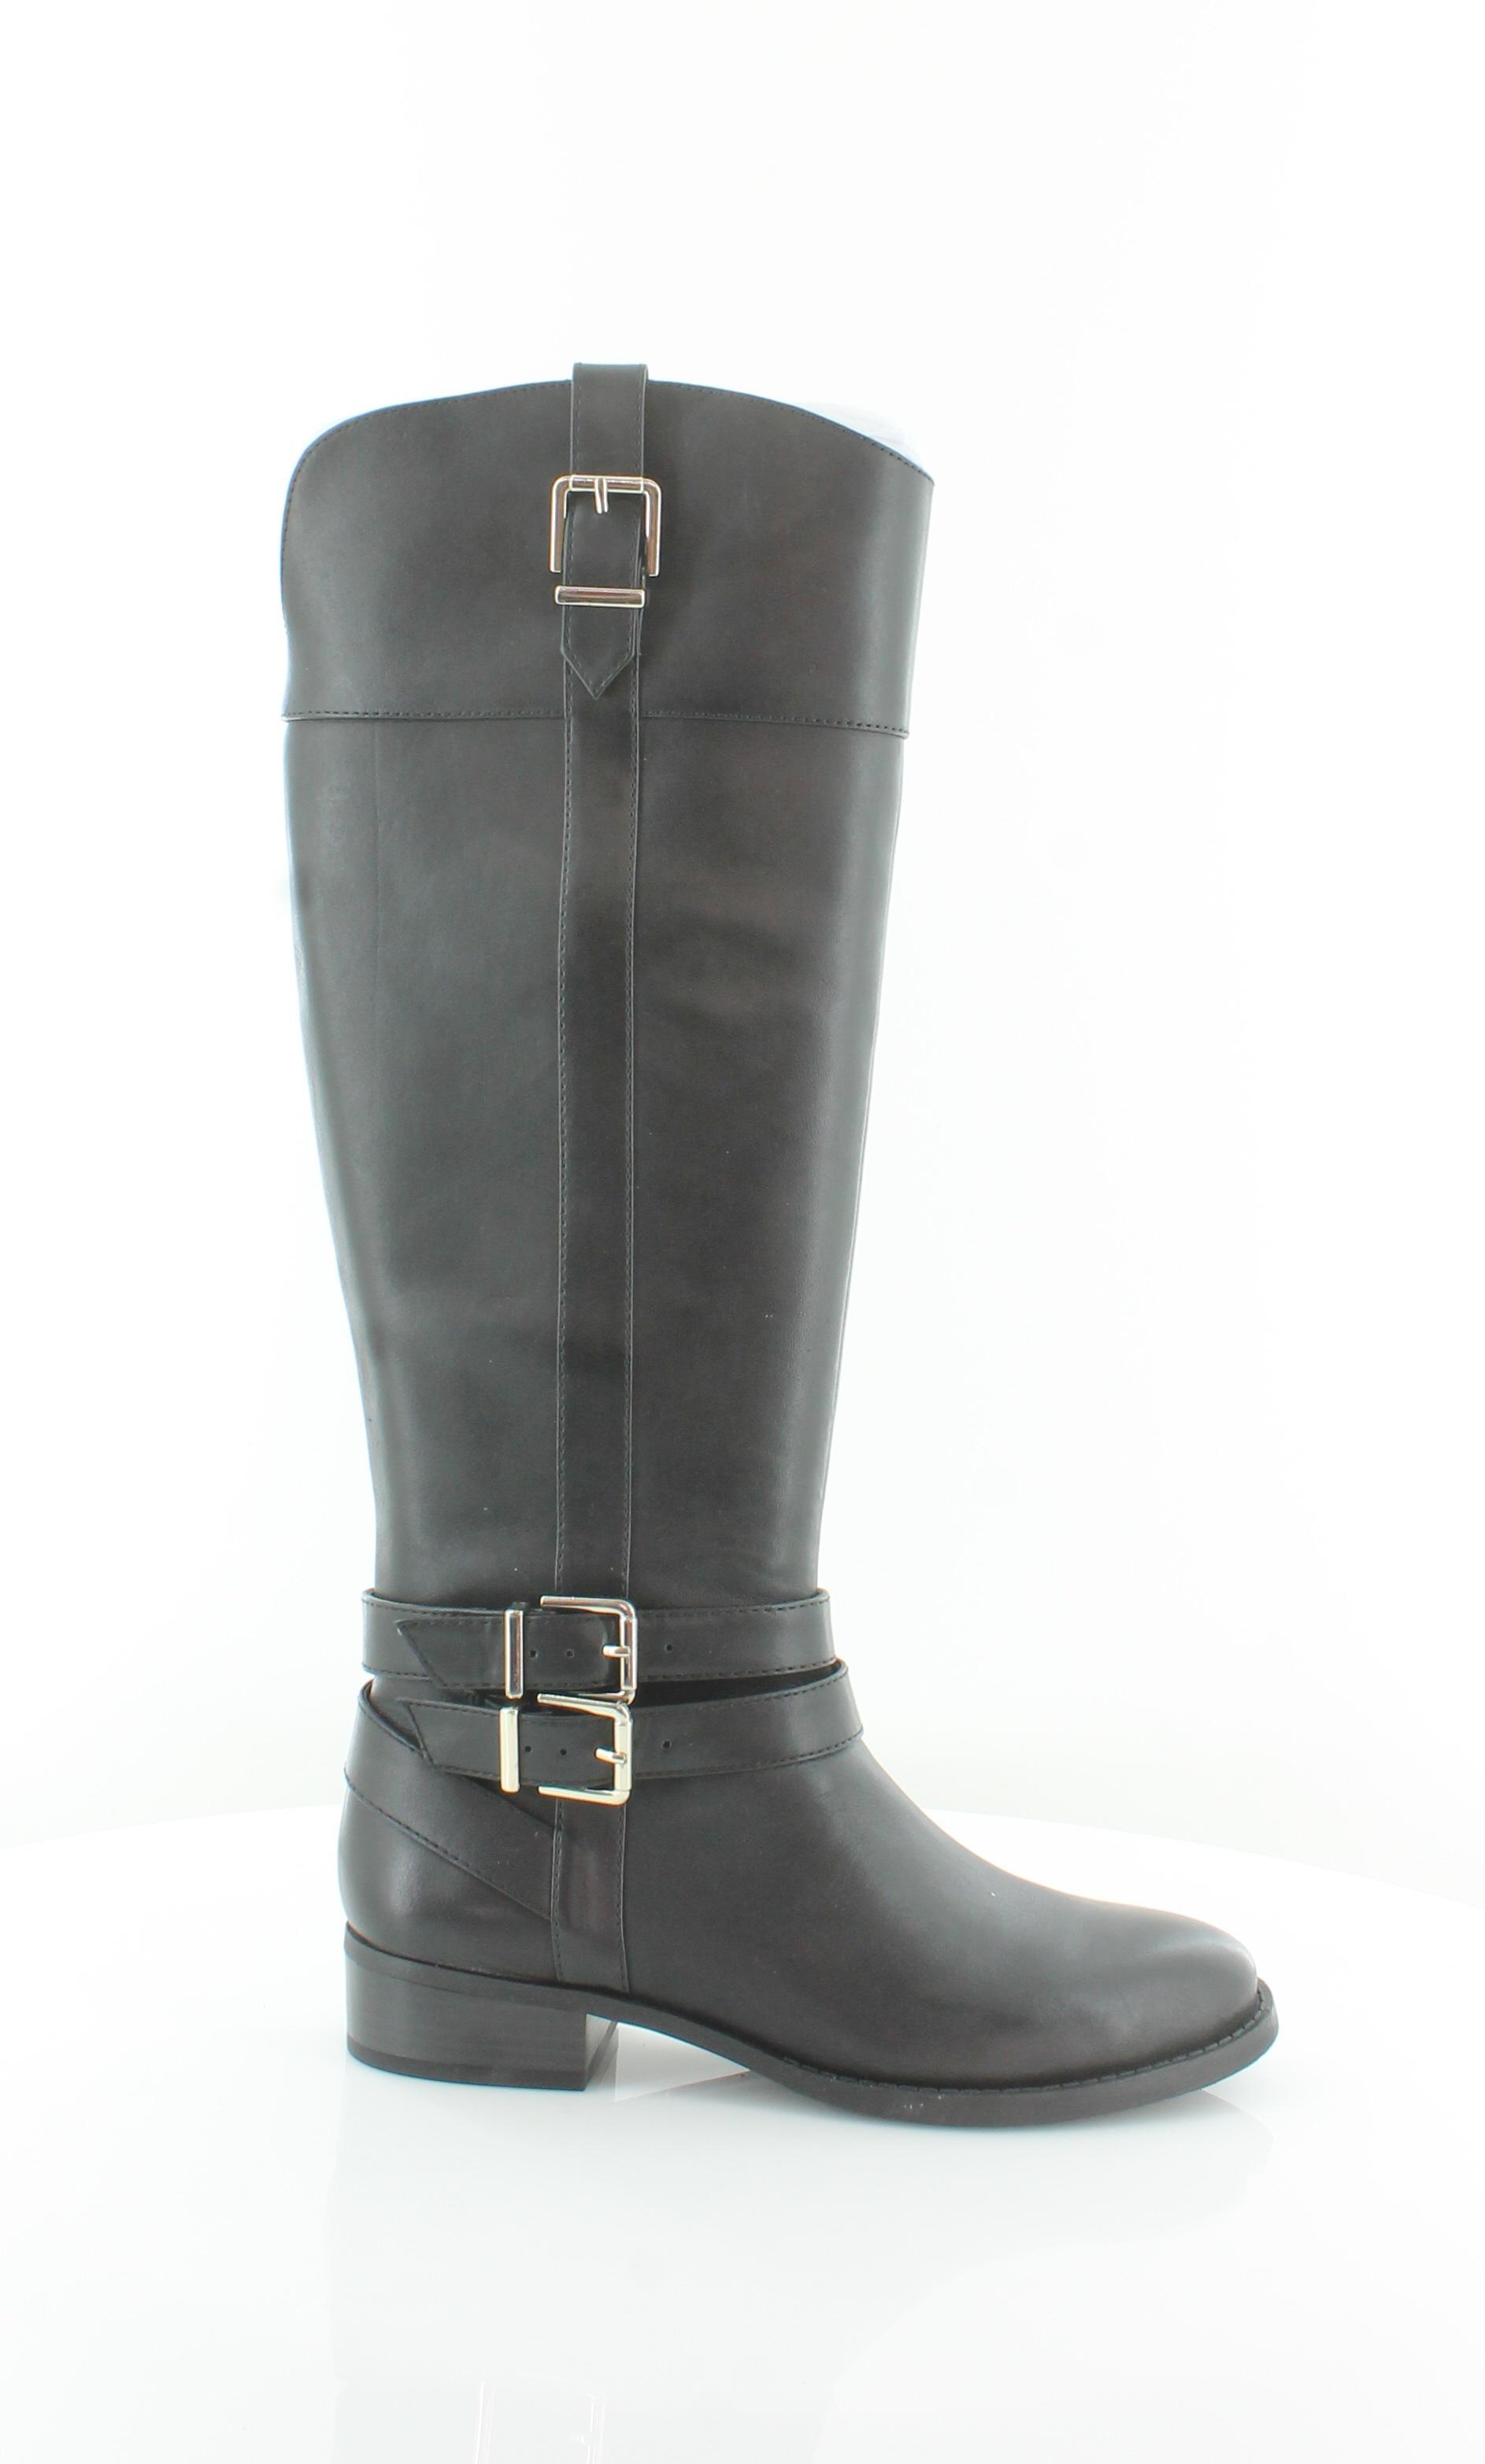 Inc International Concepts frankii Negro botas botas botas Zapatos para mujer 6 M MSRP  179.99  compra en línea hoy